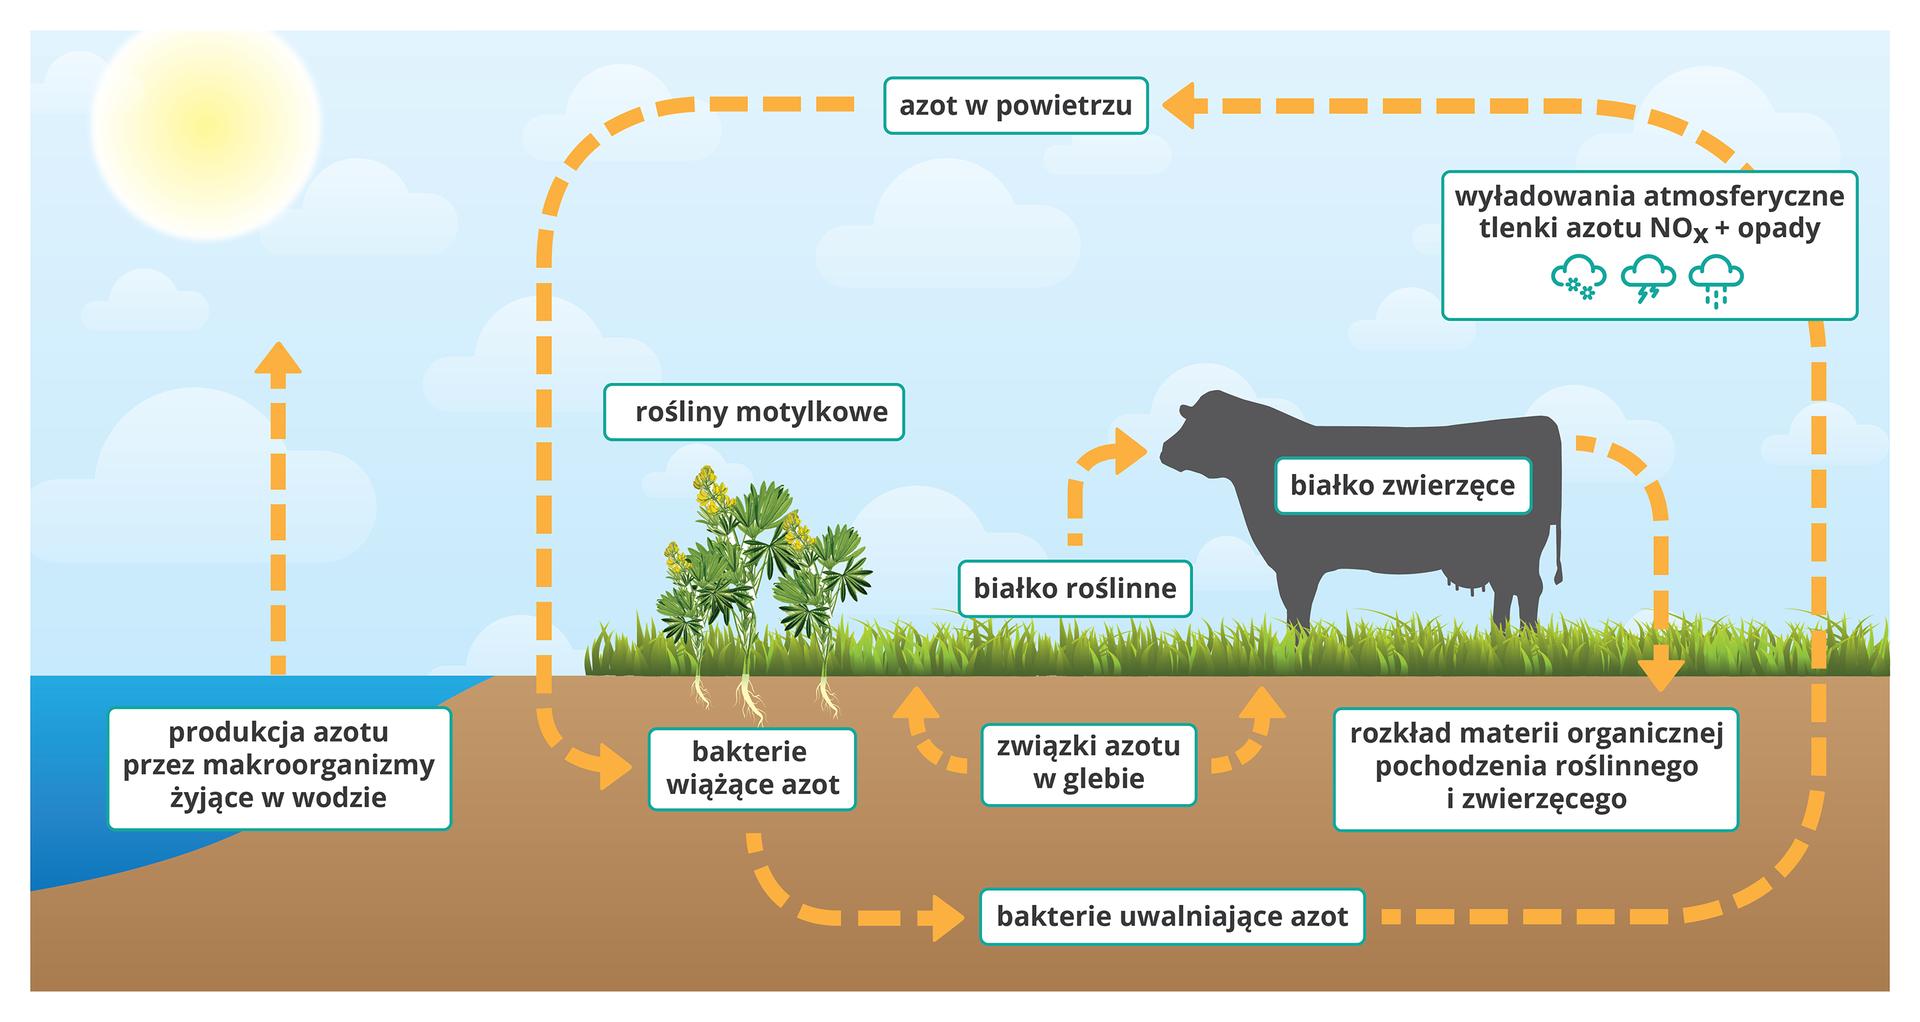 Plansza przedstawia schematyczny rysunek obiegu azotu wprzyrodzie na przykładzie wycinku krajobrazu. Zlewej strony rysunku zbiornik wodny isłońce na niebie. Zprawej teren pokryty roślinnością, sylwetka krowy iniebo zchmurami. Zaznaczone są obiegi: zwody do powietrza (produkcja azotu przez makroorganizmy żyjące wwodzie), pomiędzy glebą apowietrzem (azot wpowietrzu wiązany wglebie przez bakterie, następnie uwalniany przez inne bakterie). Wpowietrzu zaznaczono rolę wyładowań atmosferycznych oraz łączenia się tlenków azotu zopadami deszczu iśniegu. Roślina wcentralnej części kadru podpisana Rośliny motylkowe, jej korzenie stykają się zpodpisem Bakterie wiążące azot. Prostokąt ztekstem Związki azotu wglebie połączony strzałkami ztrawą. Nad trawą podpis Białko roślinne ze strzałką prowadzącą do sylwetki krowy ipodpisem Białko zwierzęce. Od strony krowiego zadu strzałka do ziemi zpodpisem Rozkład materii organicznej pochodzenia roślinnego izwierzęcego.